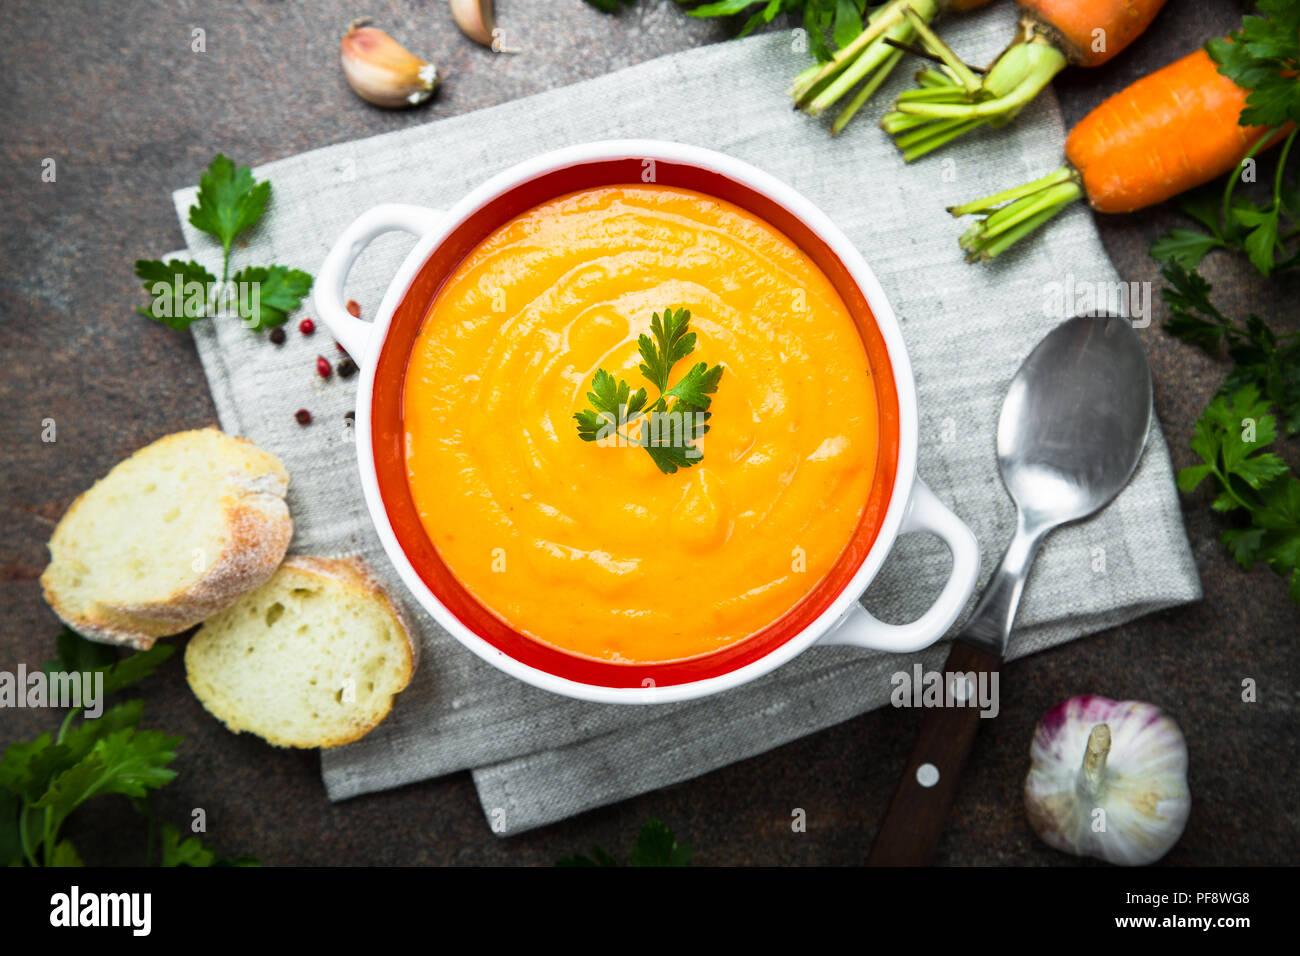 Crème de potiron-carotte soupe sur pierre sombre tableau. Soupe de légumes végétarien. Vue d'en haut. Banque D'Images